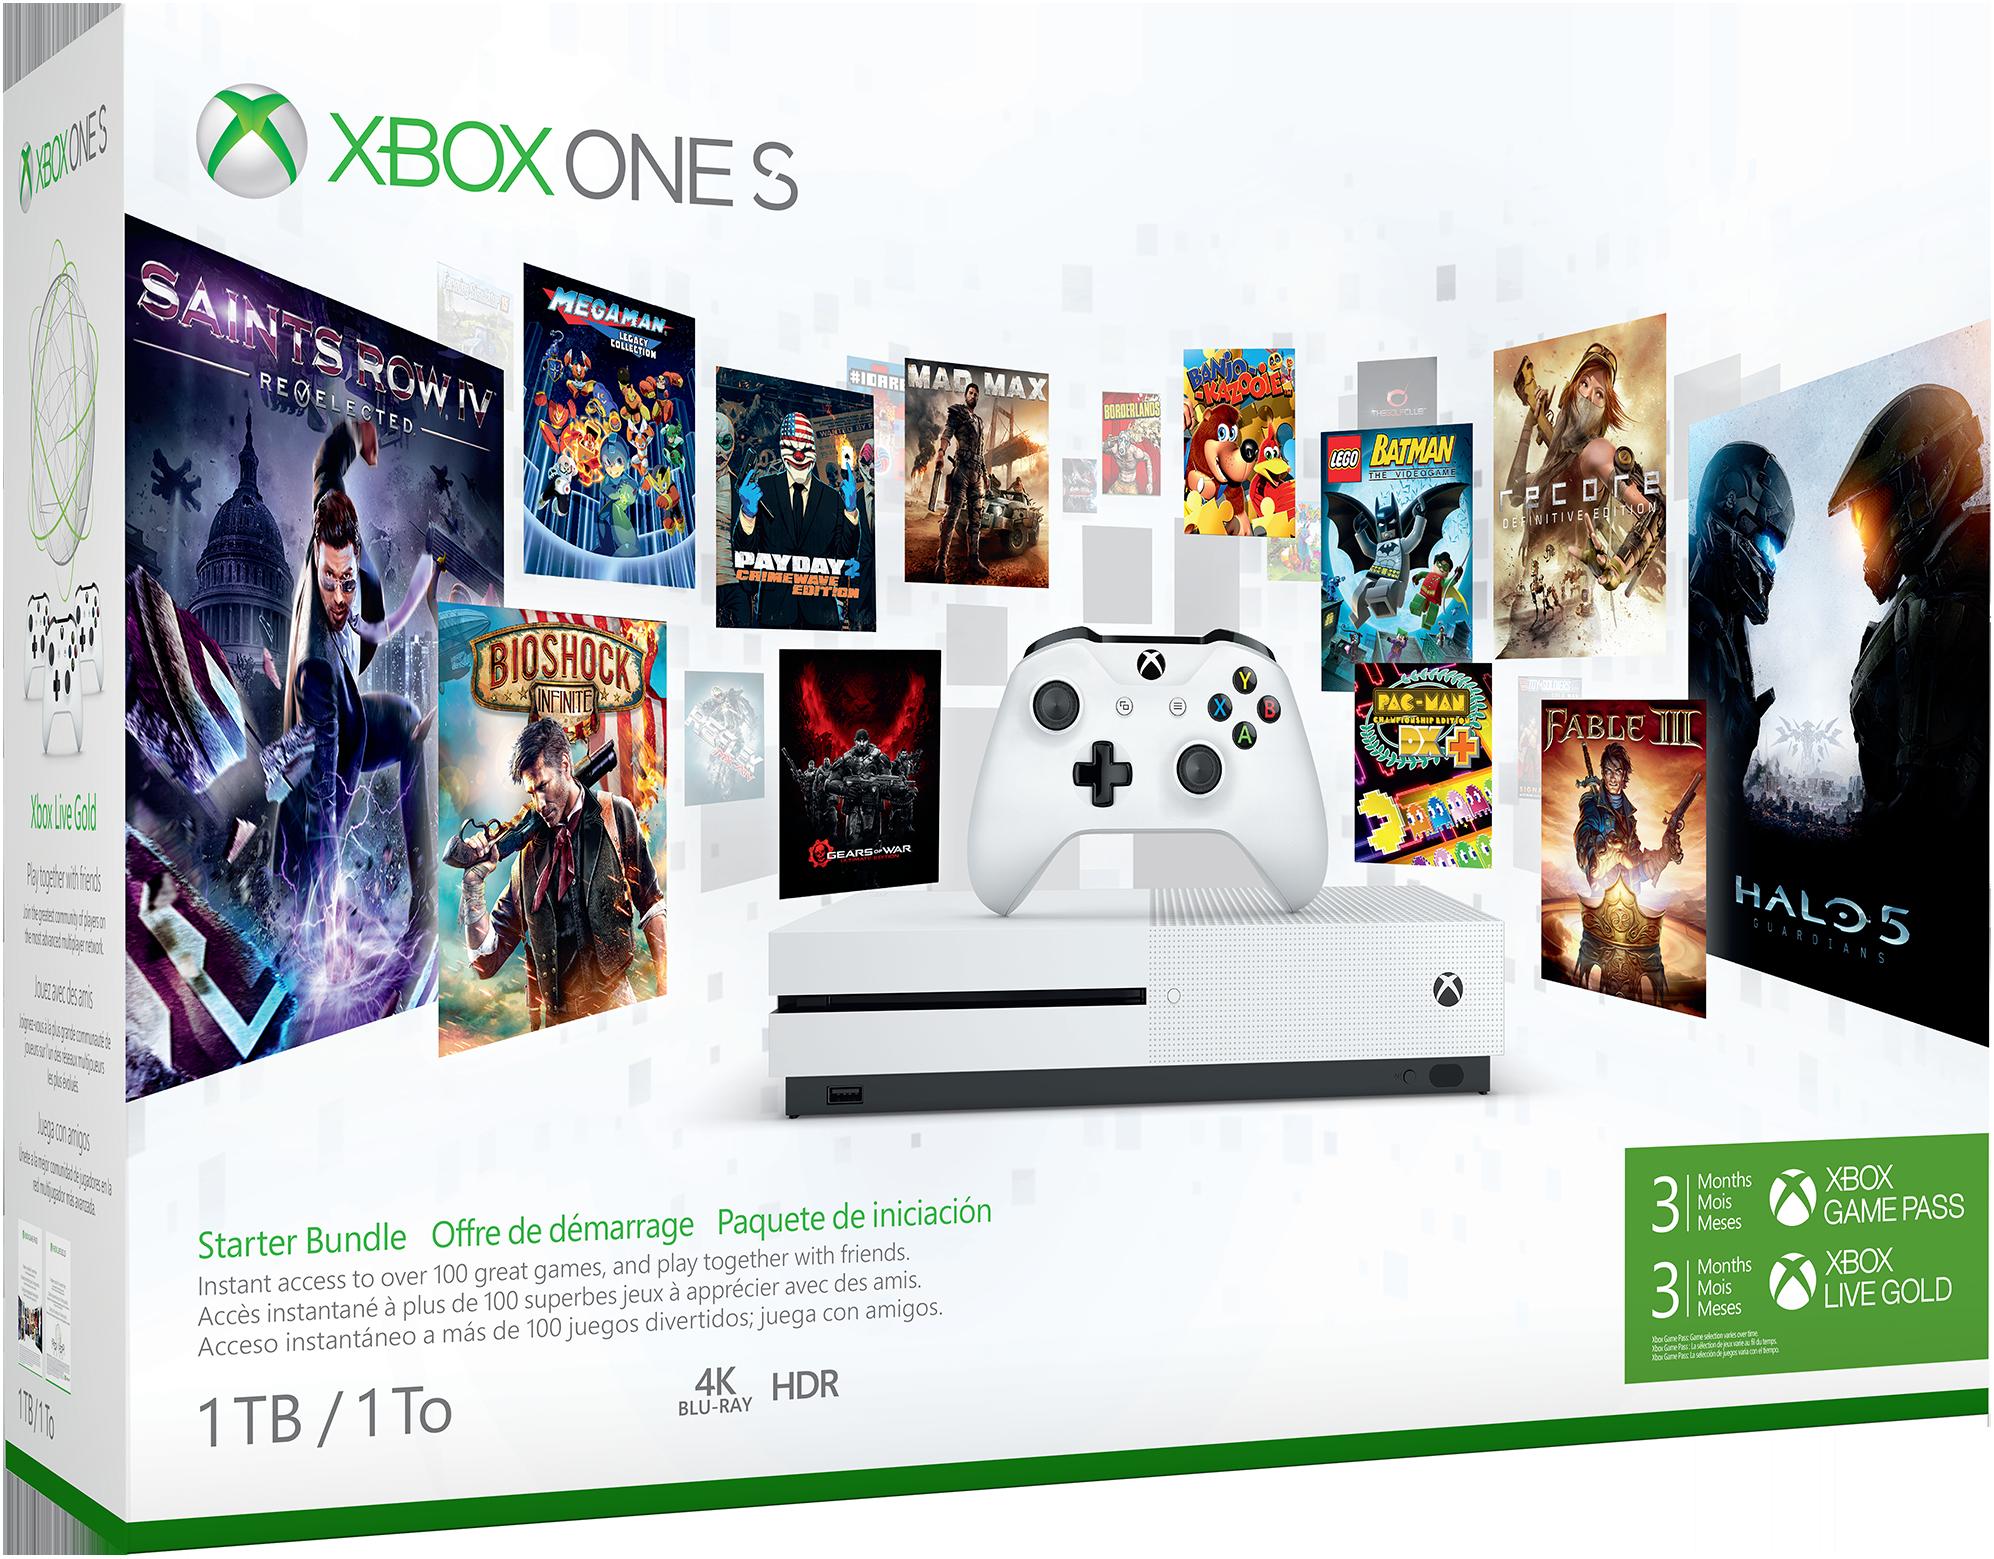 Bild von Xbox One S Game Pass-Bundle (1 TB)